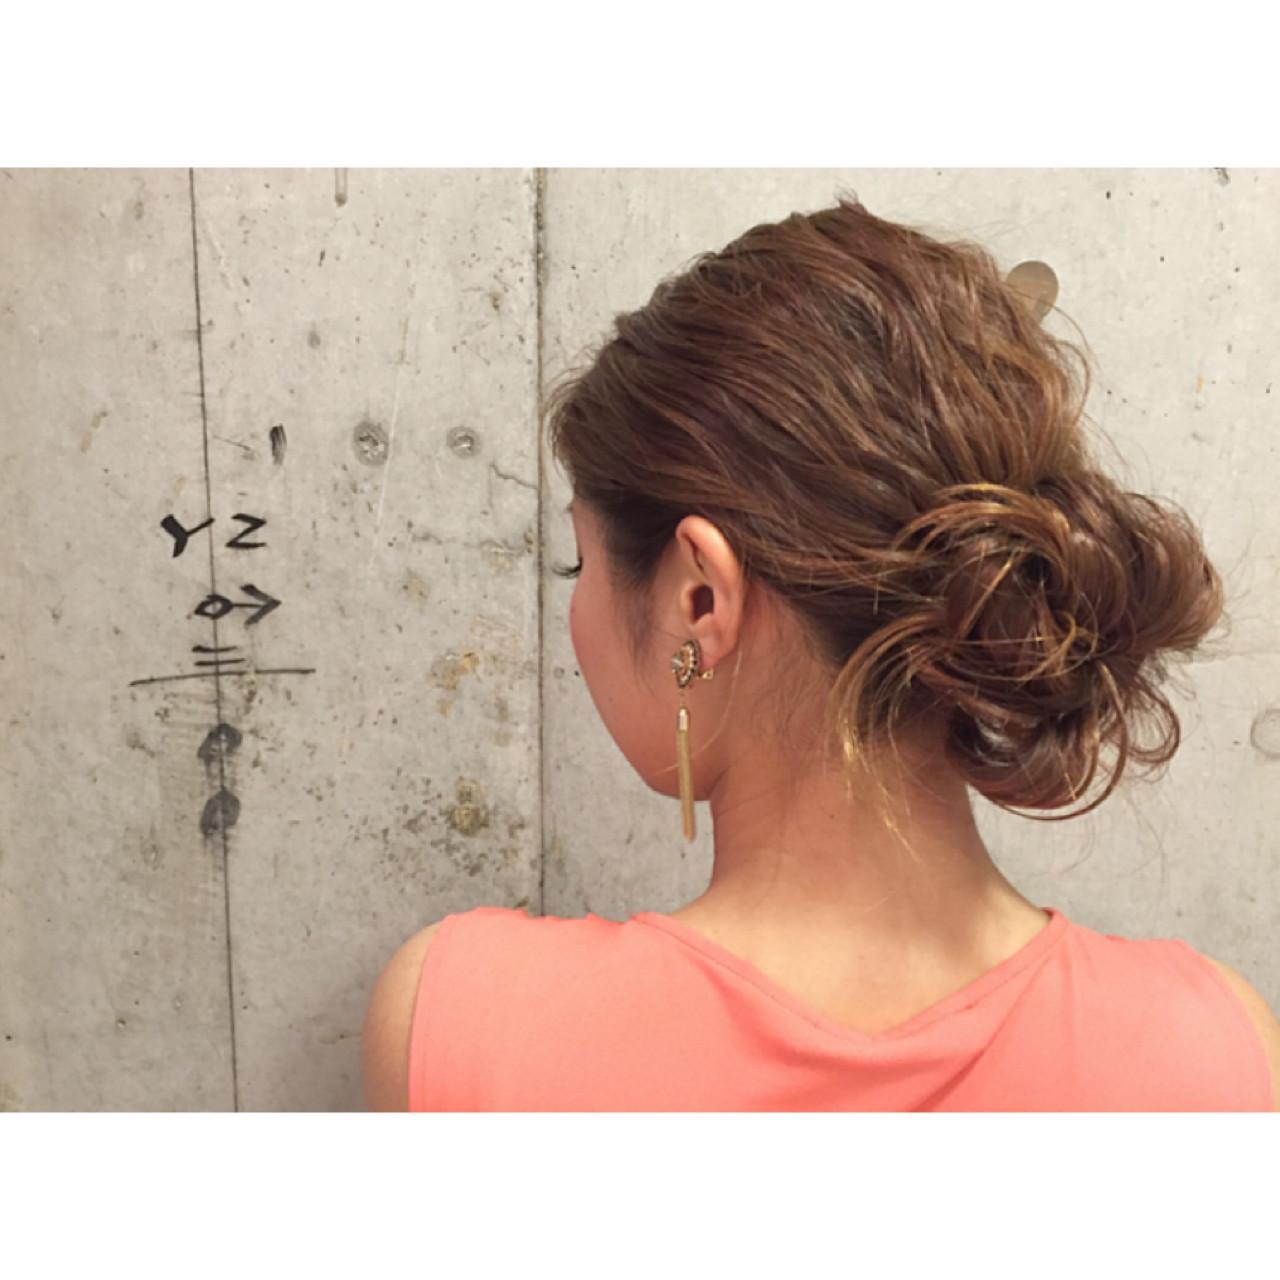 ゆるふわ ハーフアップ 外国人風 簡単ヘアアレンジ ヘアスタイルや髪型の写真・画像 | 安達 優生 / U-REALM(ユーレルム)